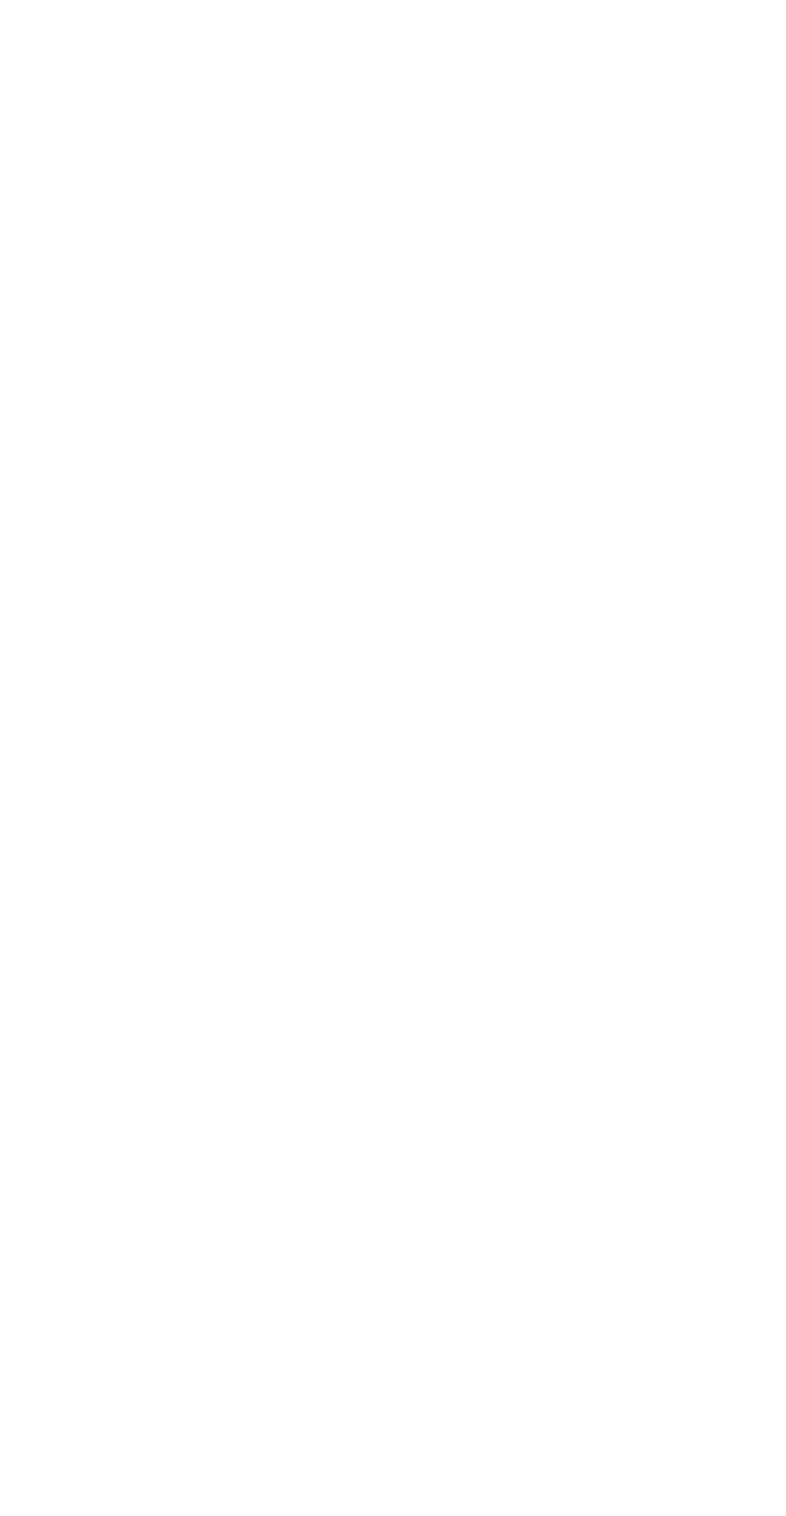 Korter 11